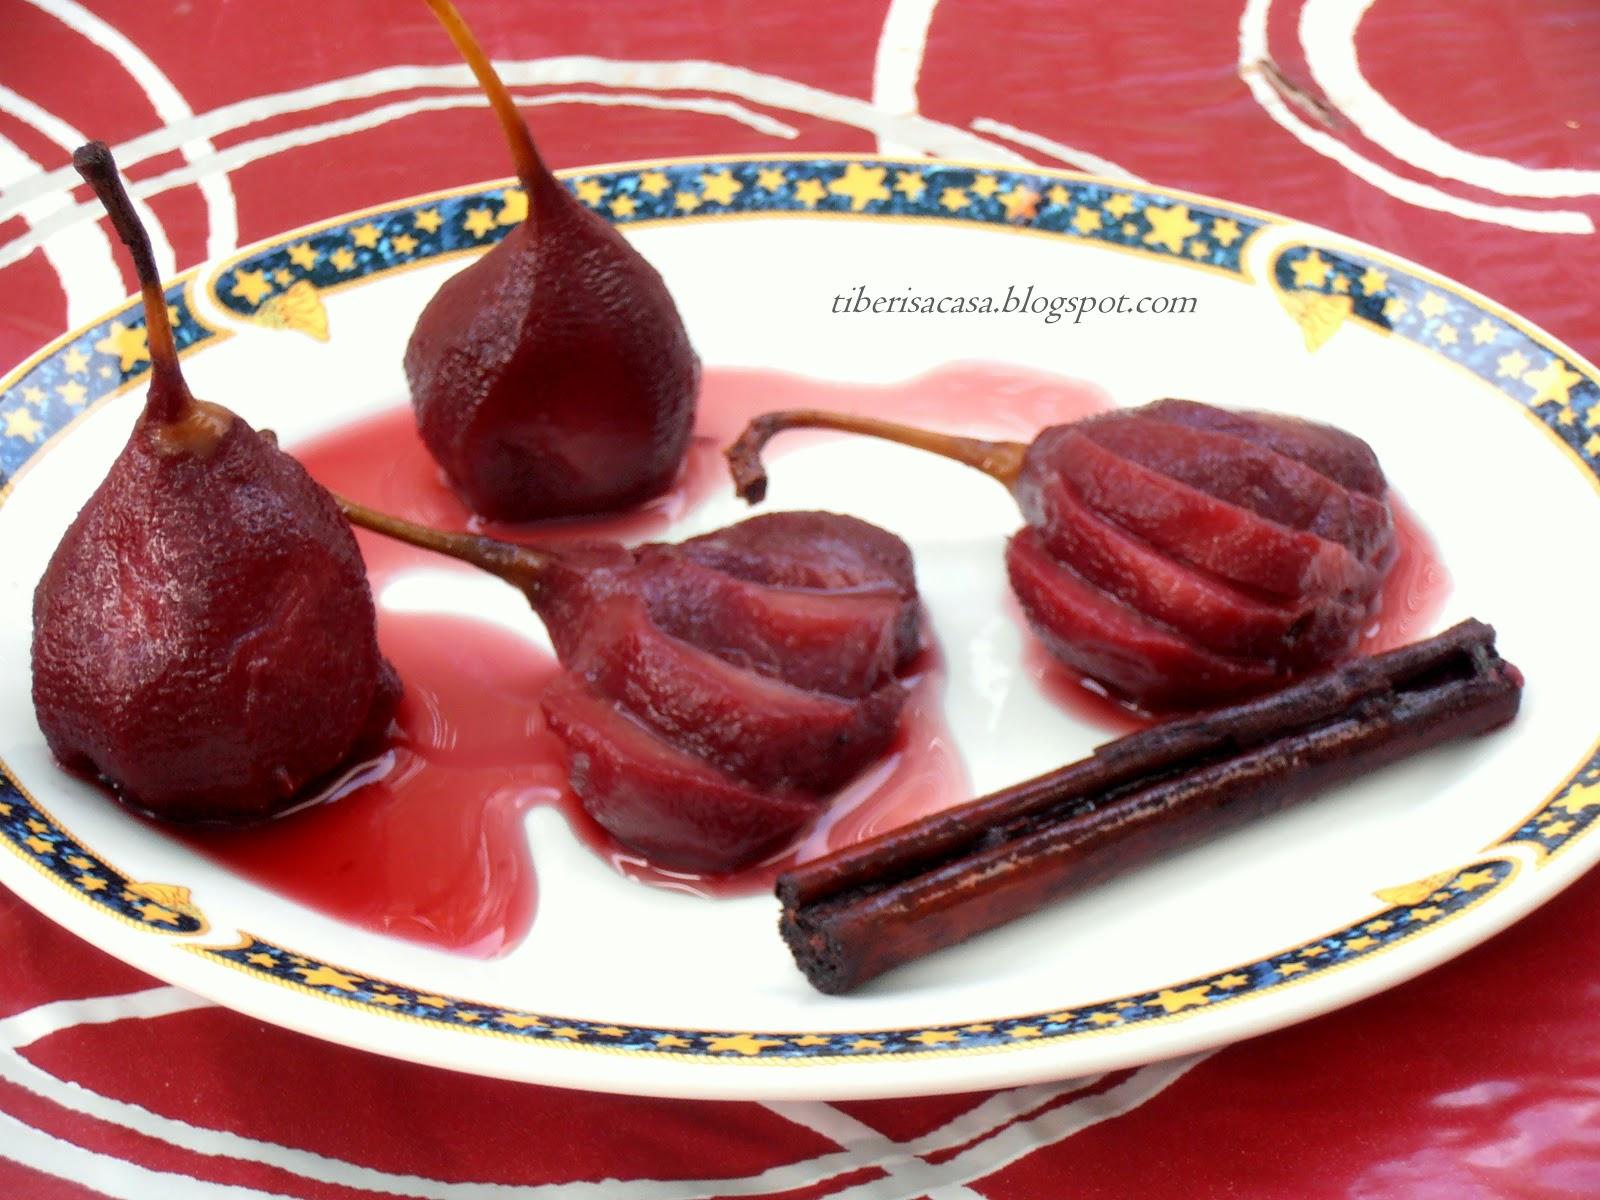 Cómo preparar peras al vino